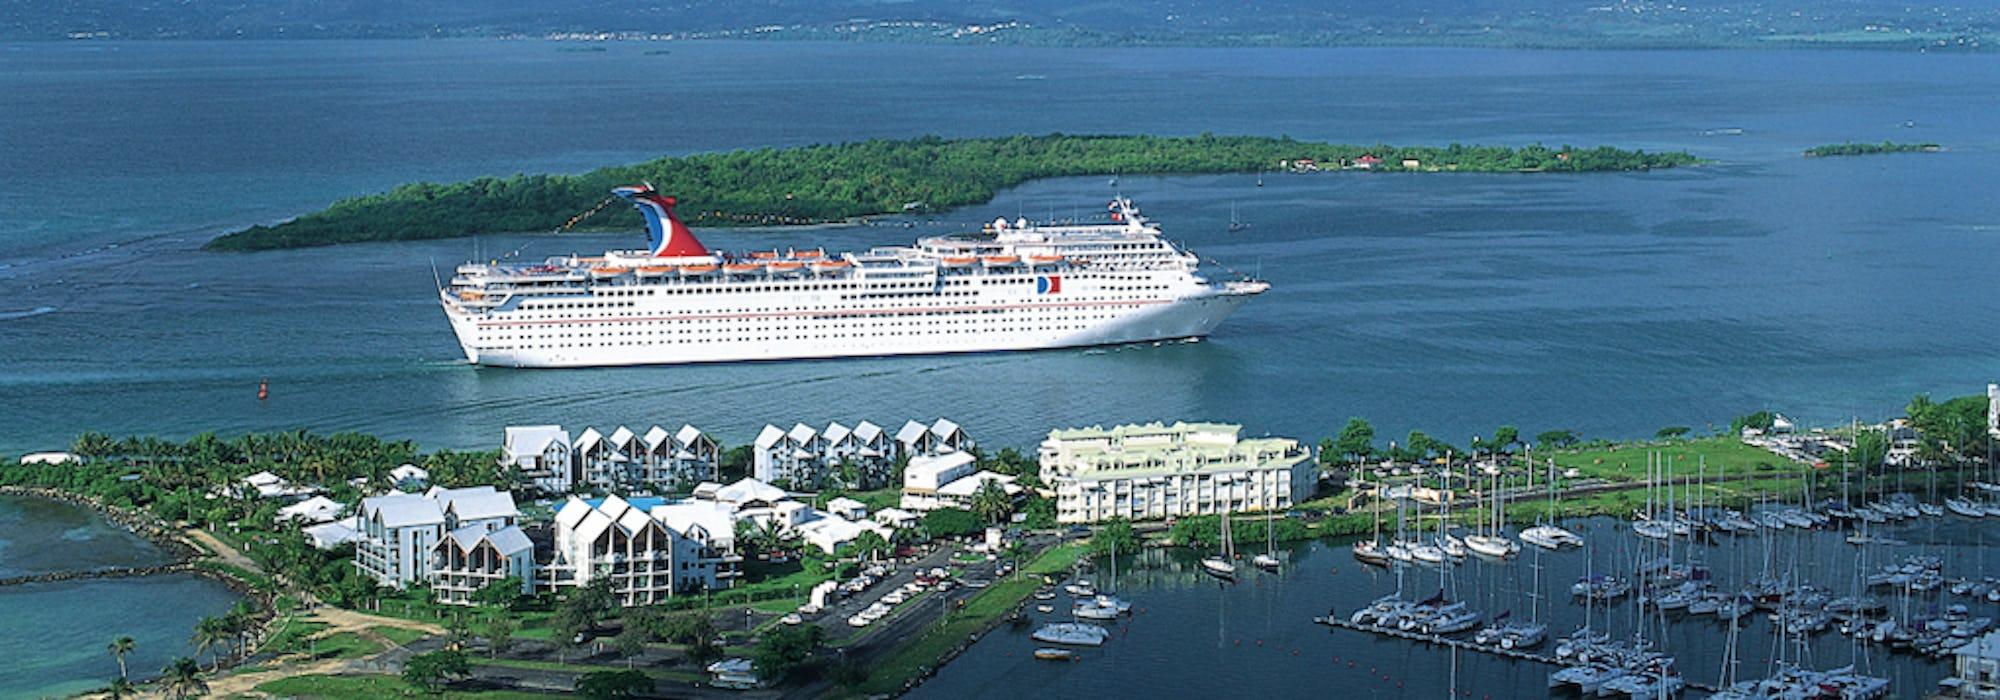 Bild på fartyget Carnival Fascination som kryssar fram mellan små gröna öar.